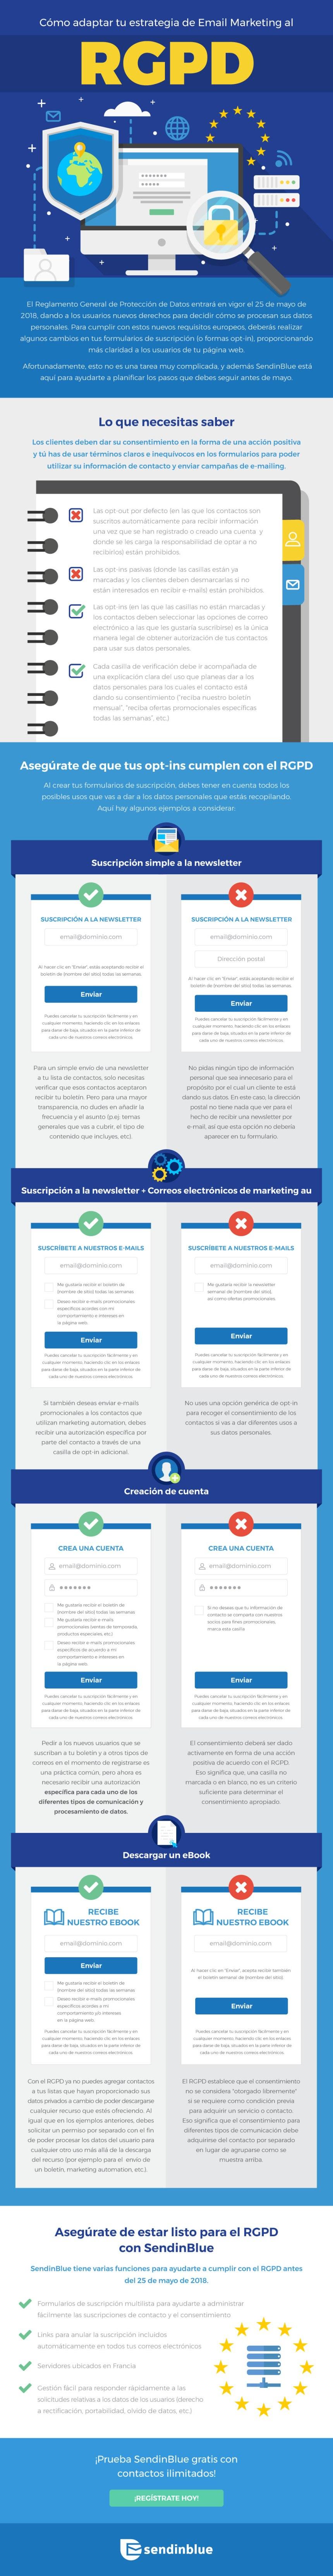 Cómo adaptar tu estrategia de Email Marketing al RGPD